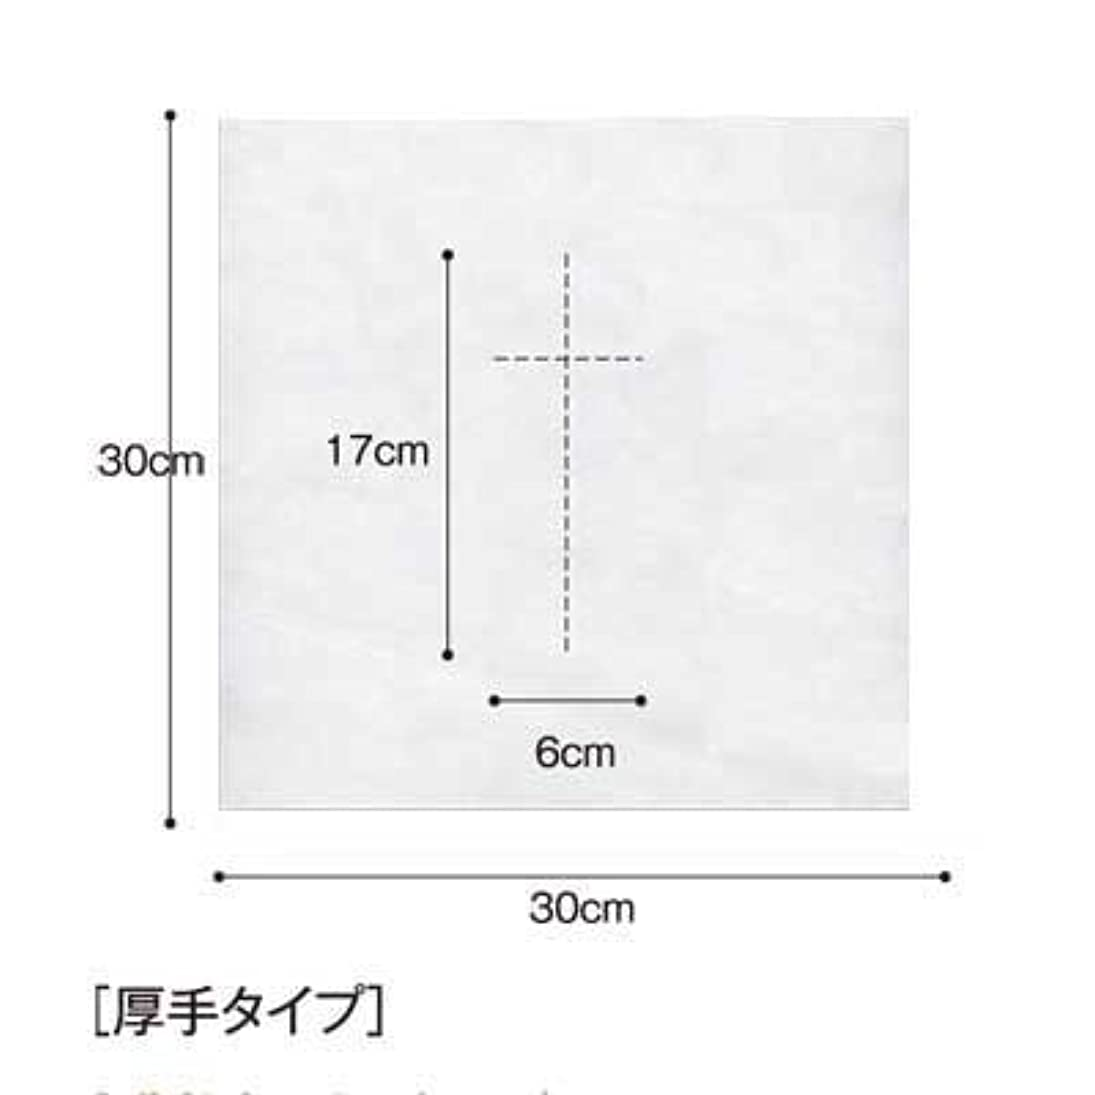 倫理的活性化するフレキシブル(ロータス)LOTUS 日本製 ピロカバー DX 十字カット 100枚入 業務用 マッサージ 、エステ 厚みのあるタイプ